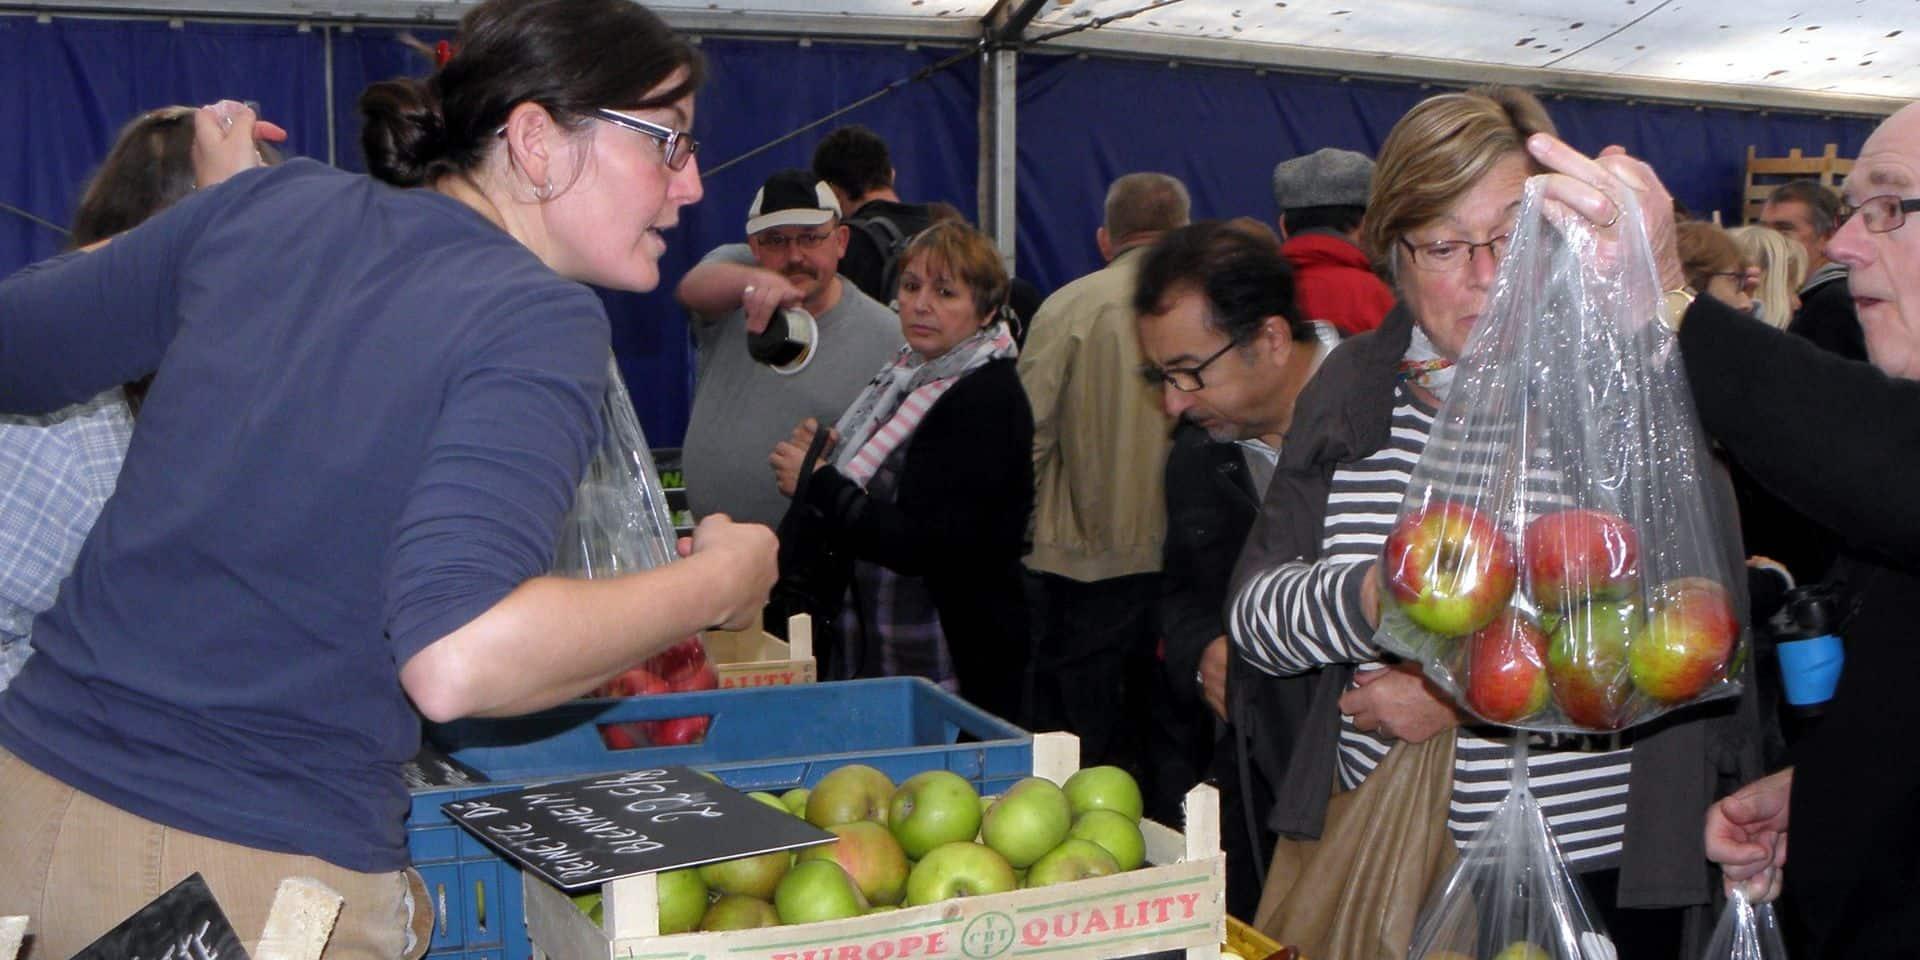 La Foire aux Pommes à l'Aquascope: l'occasion de faire le plein de fruits et de visiter le site naturel gratuitement